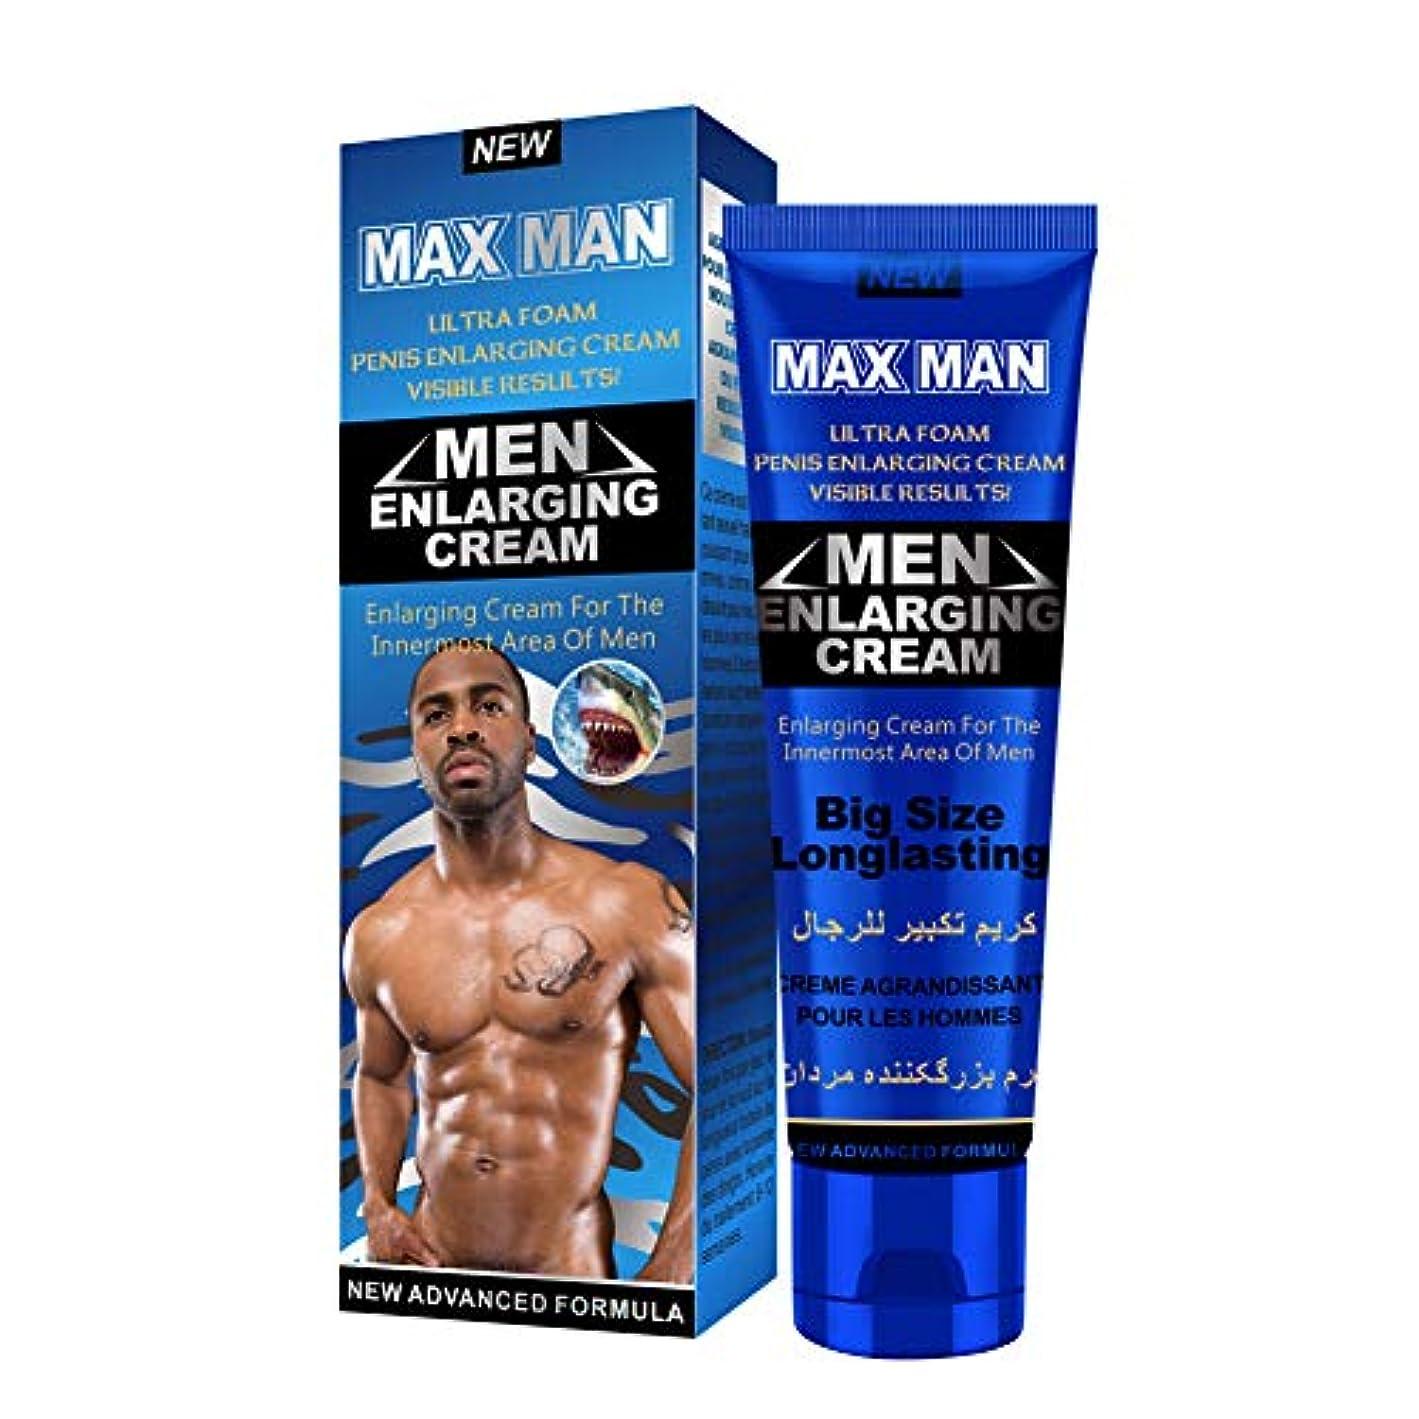 枯渇する異なる悪いBalai 男性のマッサージのクリーム 性生活の陰茎の持続的な強化のクリーム